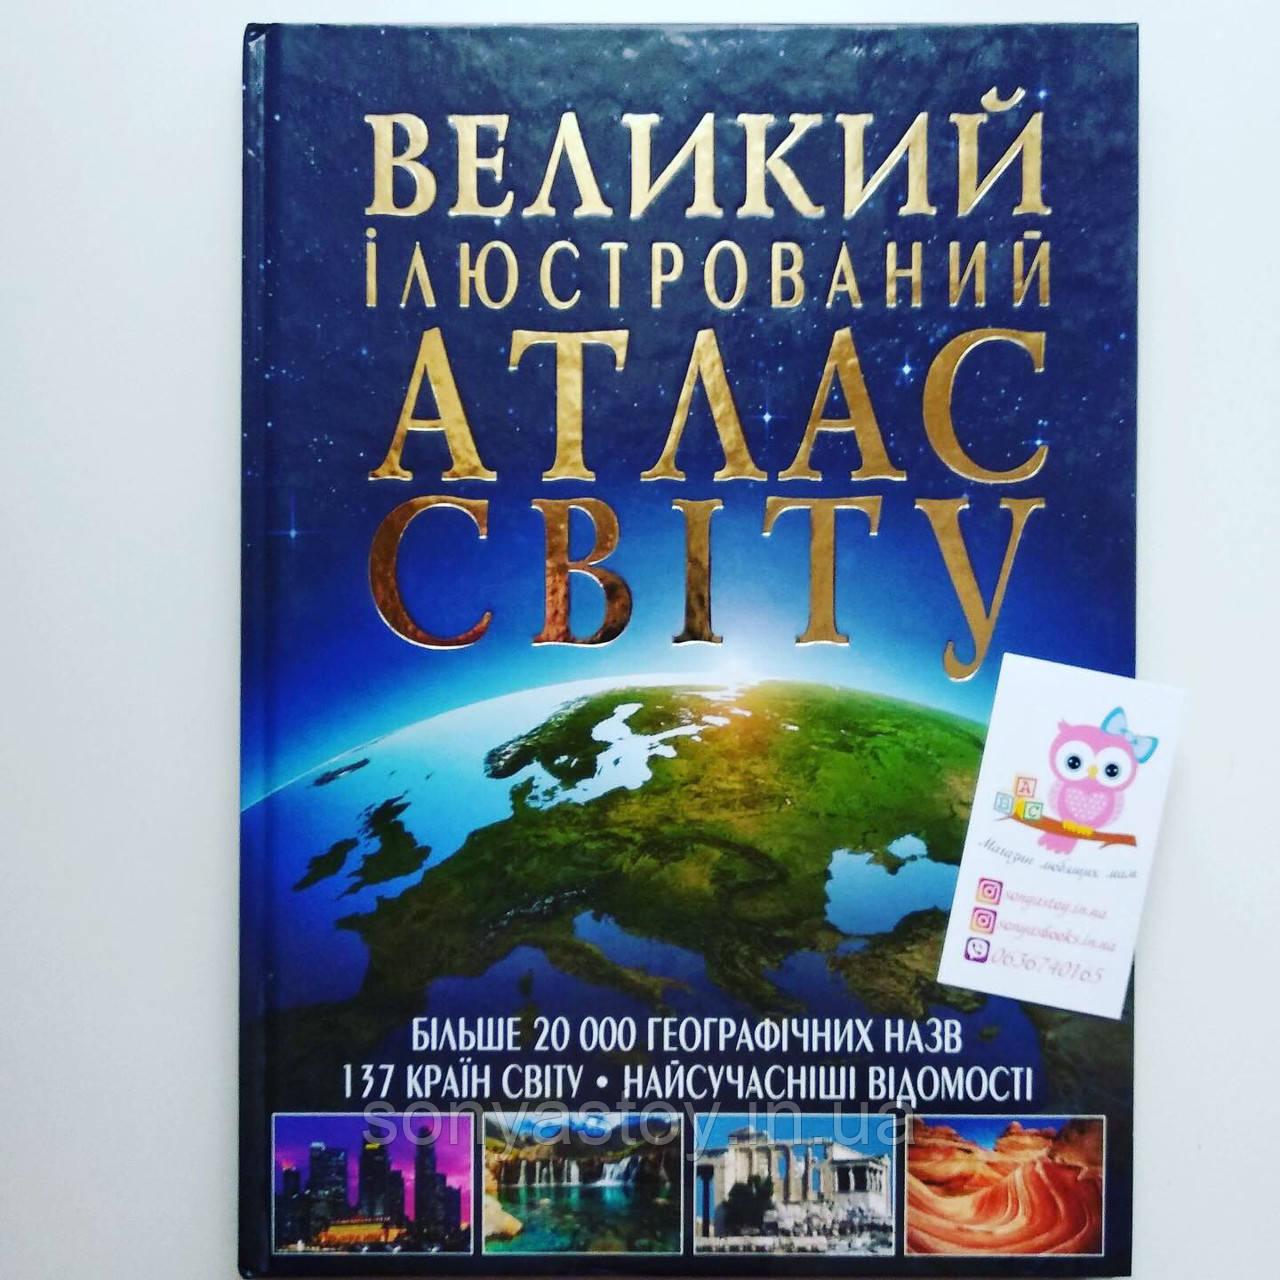 Книга Великий ілюстрований атлас Світу, 5+